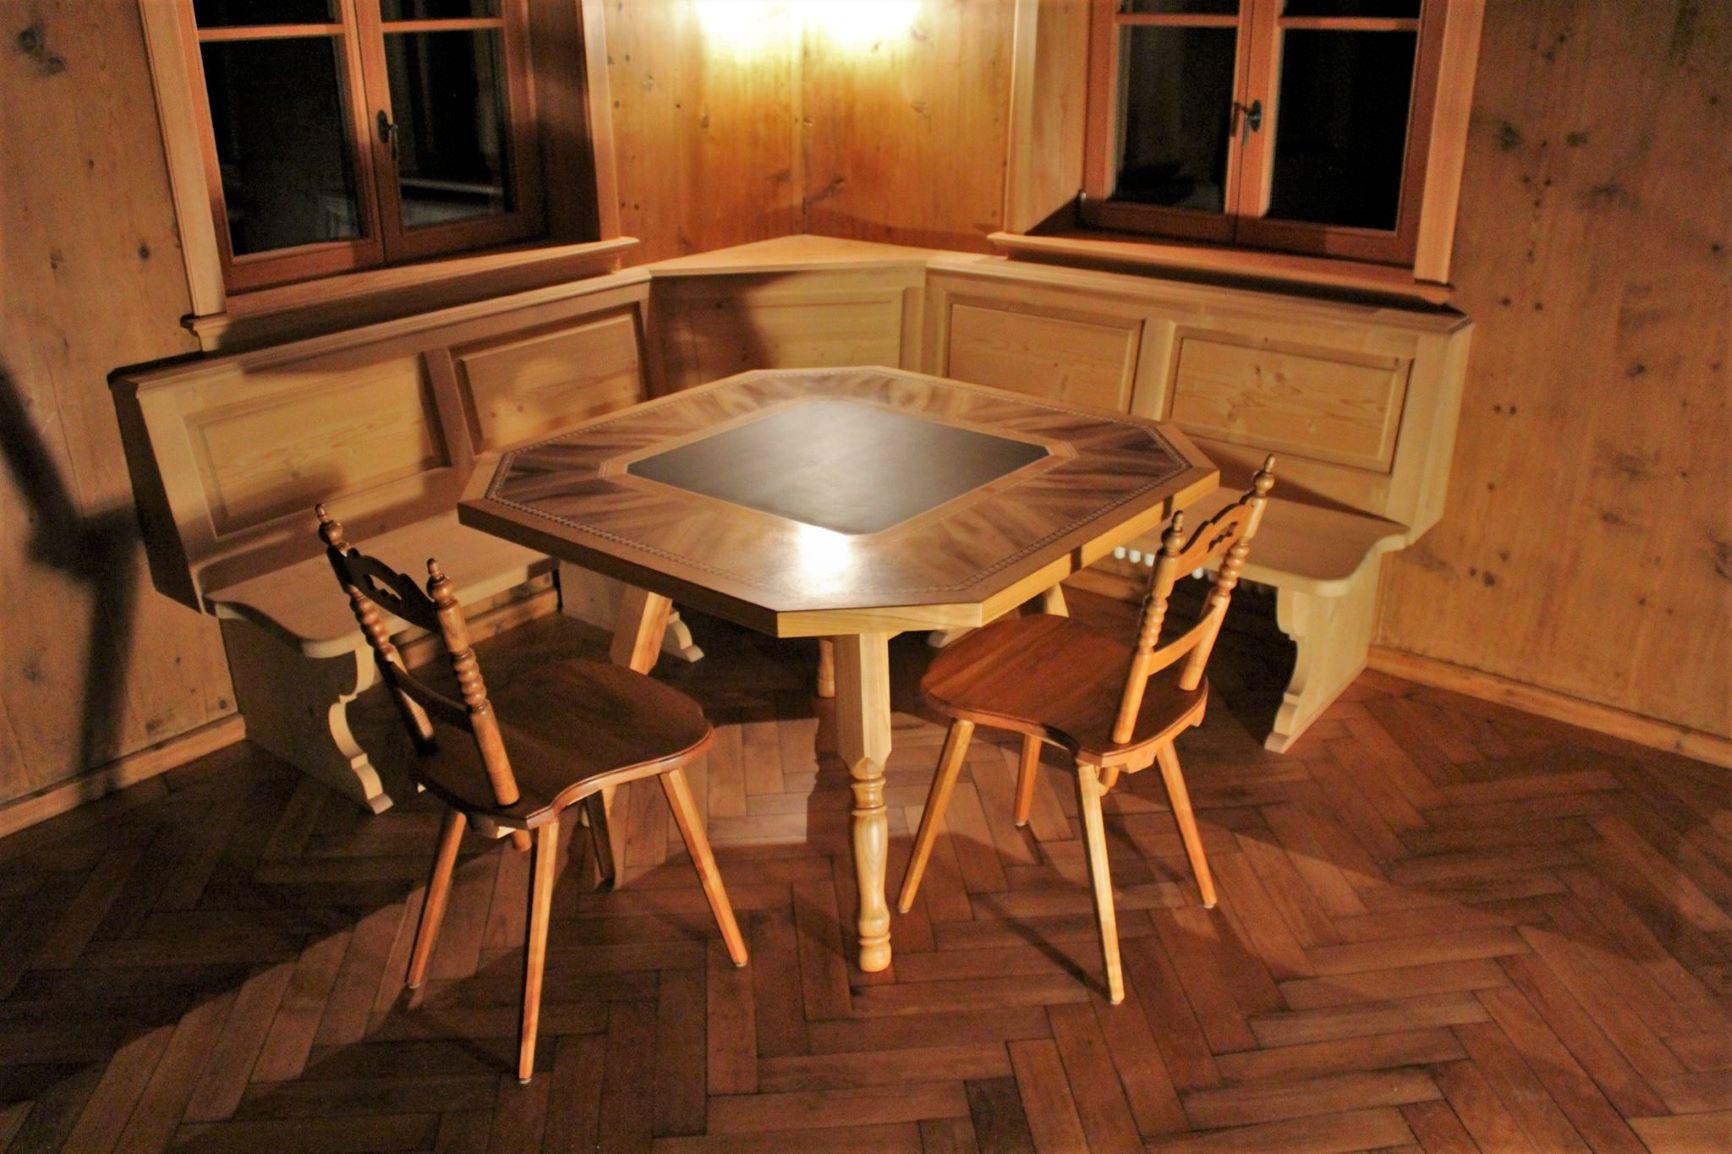 Schiefertisch Wohnzimmer | Mobel Und Kunsttischlerei Tschofen